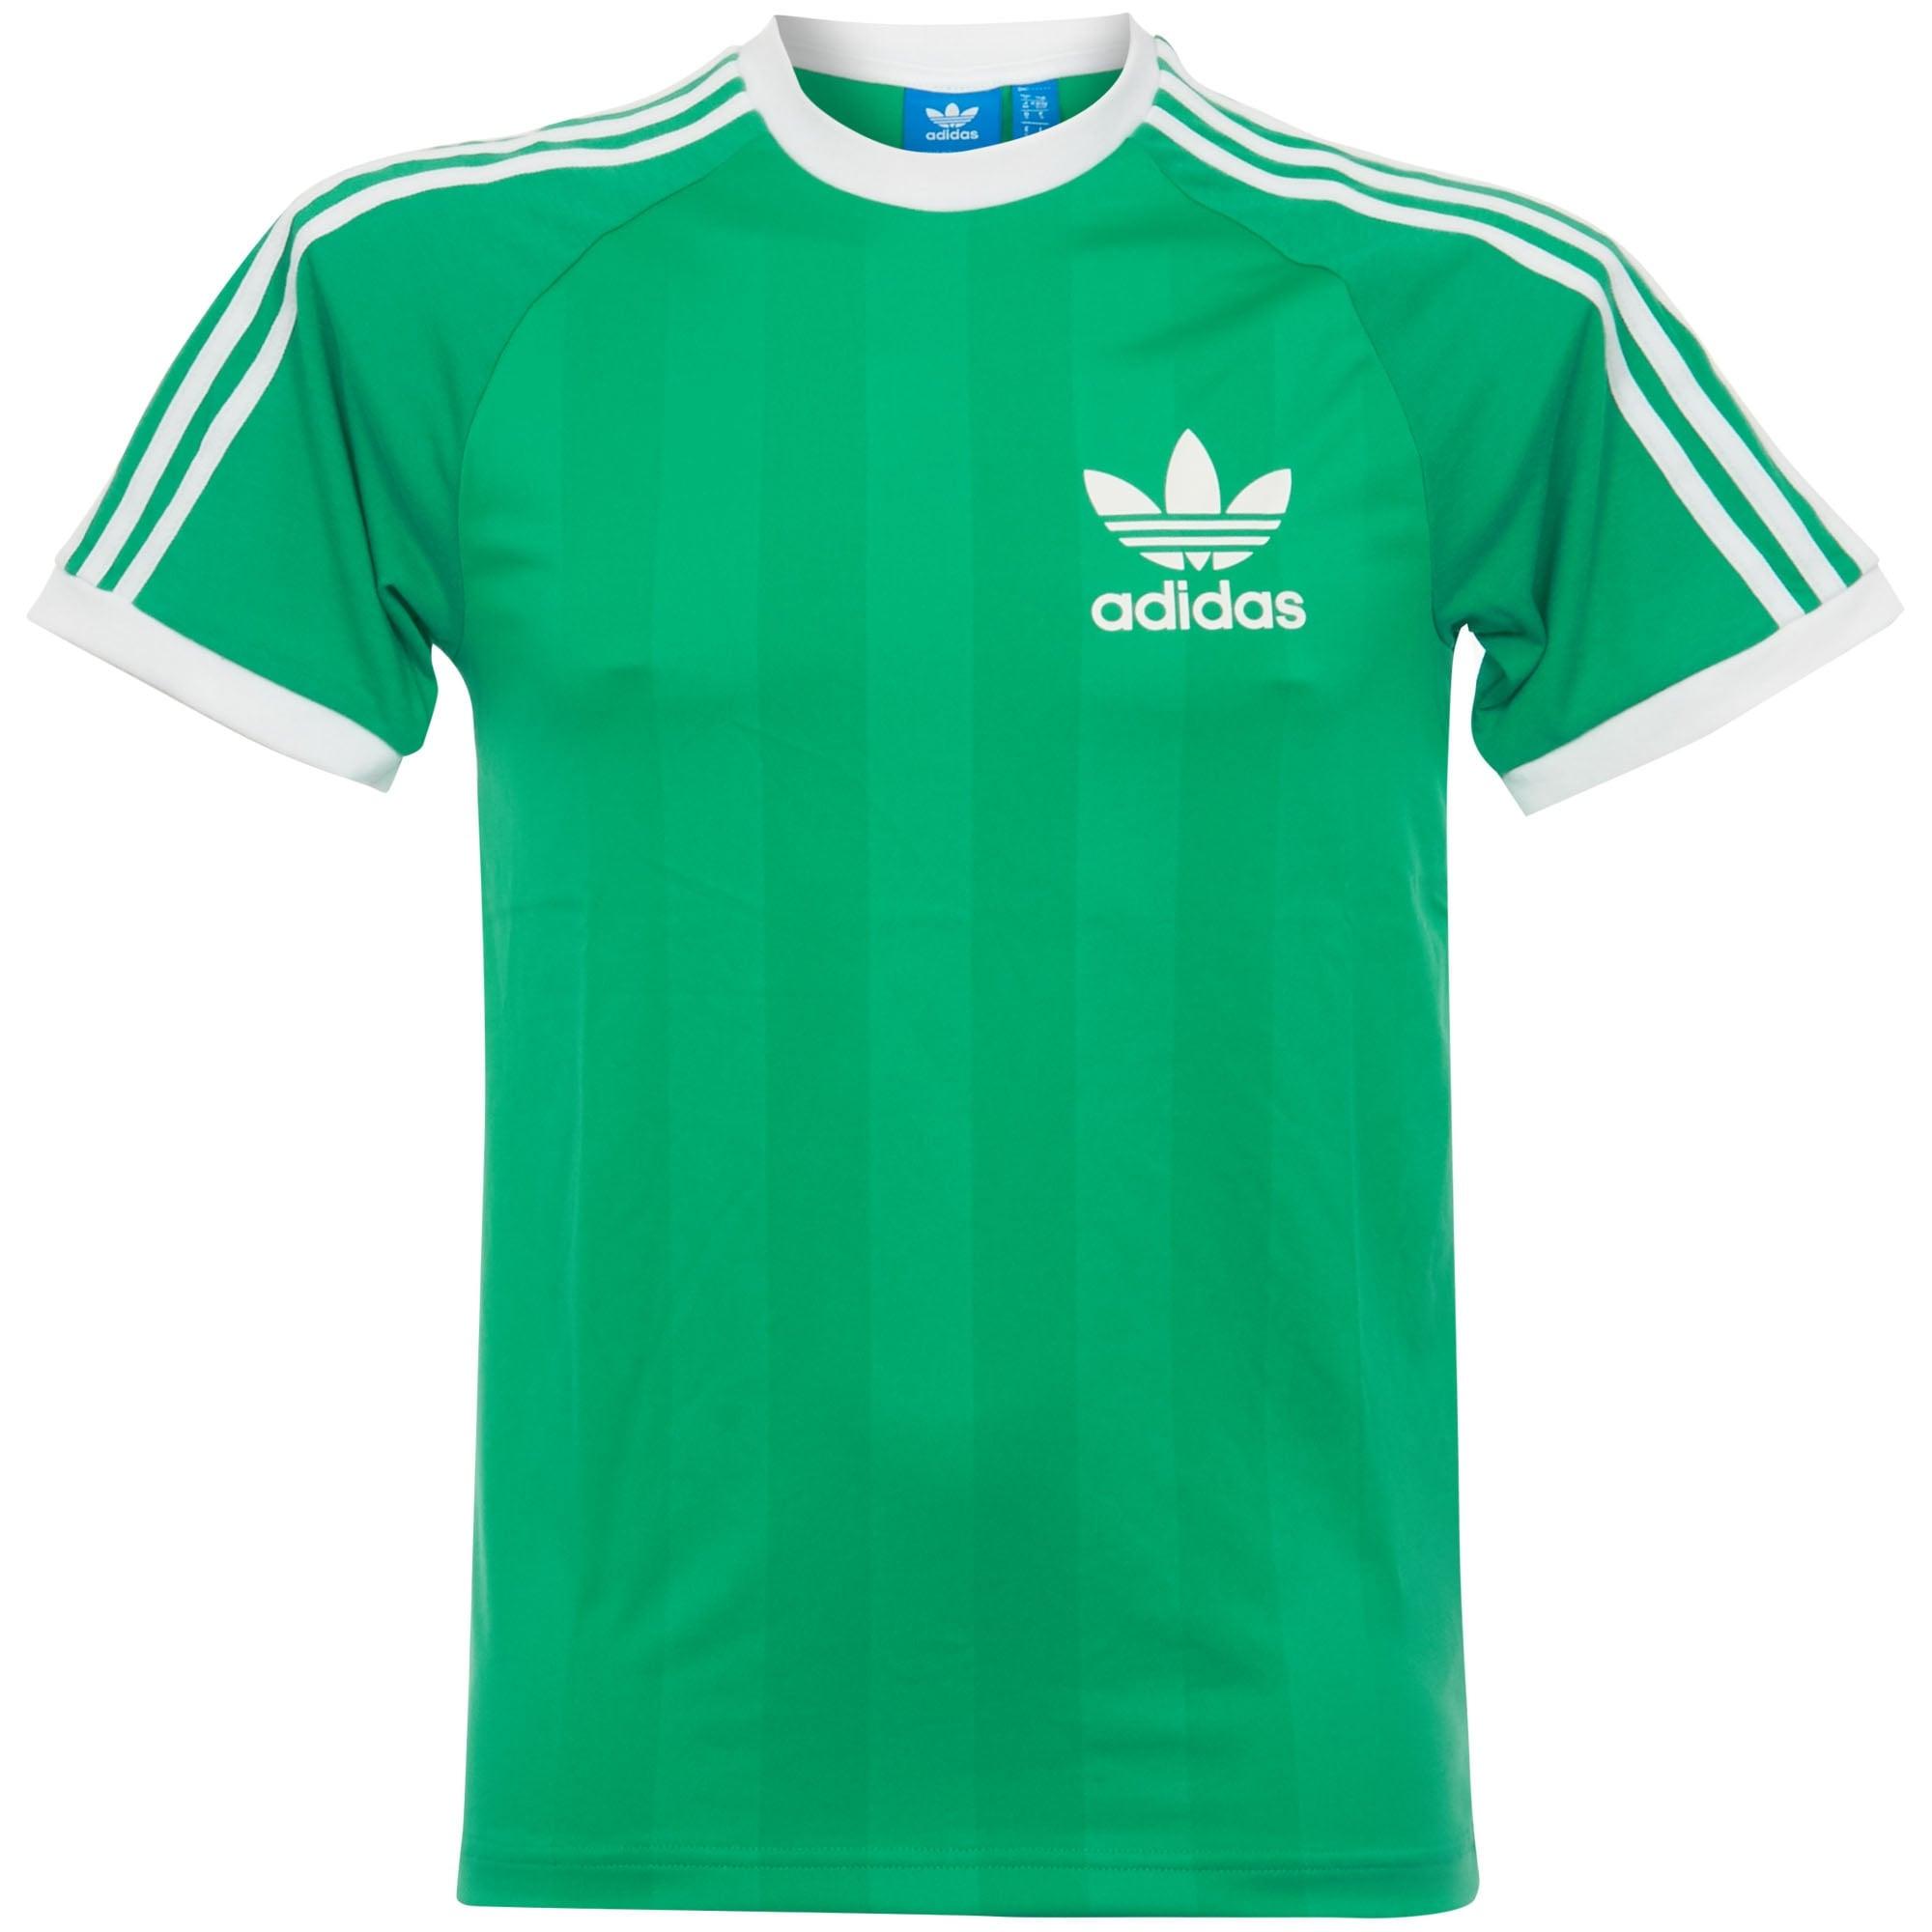 Adidas Uk Online Shop  Clfn Tee Green Tshirt Cf5308